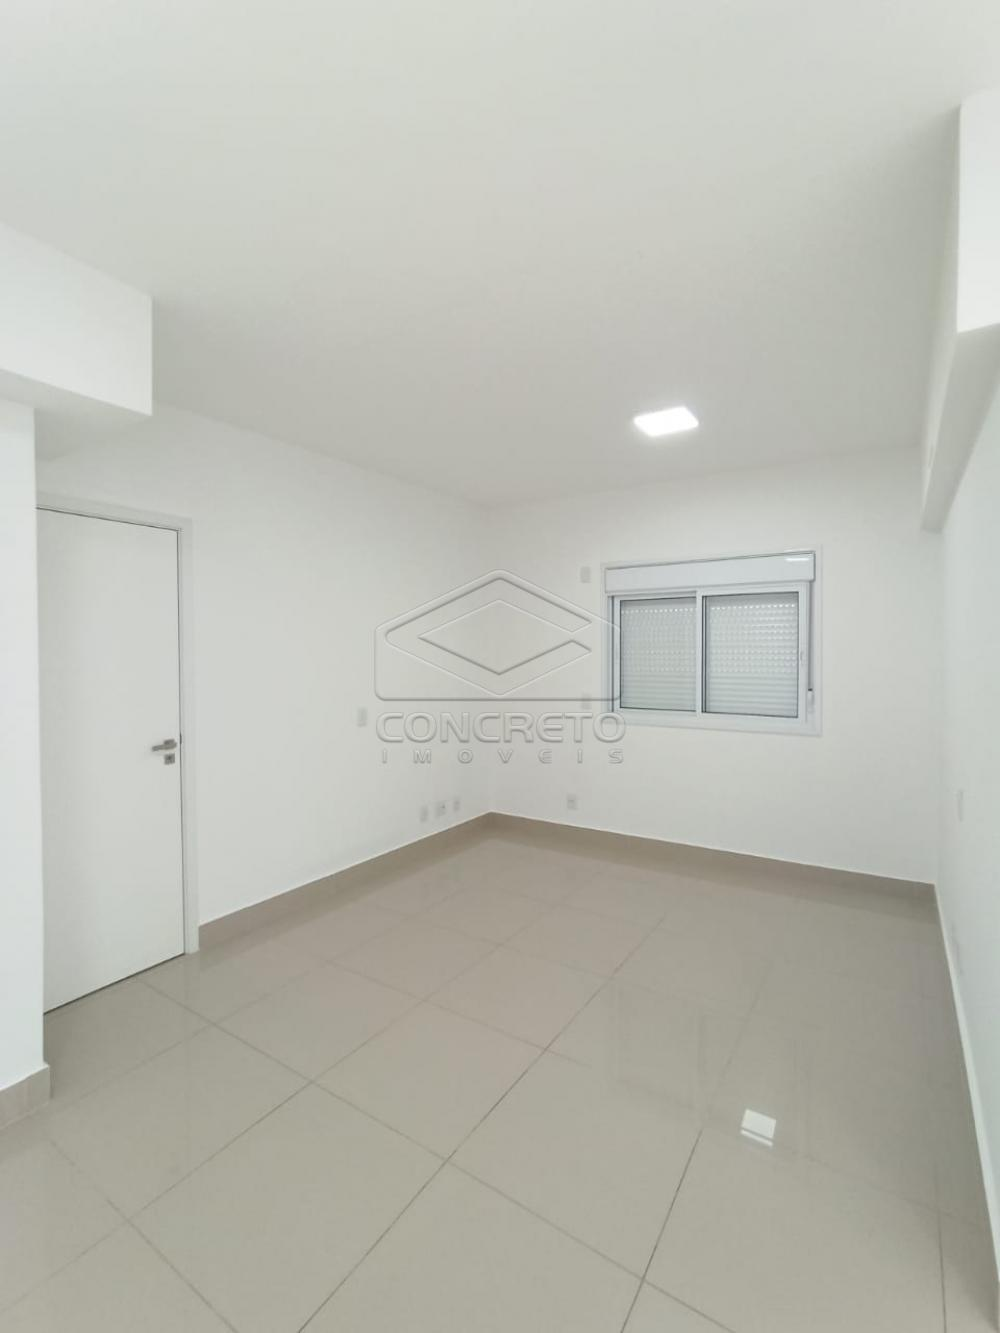 Alugar Apartamento / Padrão em Bauru apenas R$ 2.800,00 - Foto 10